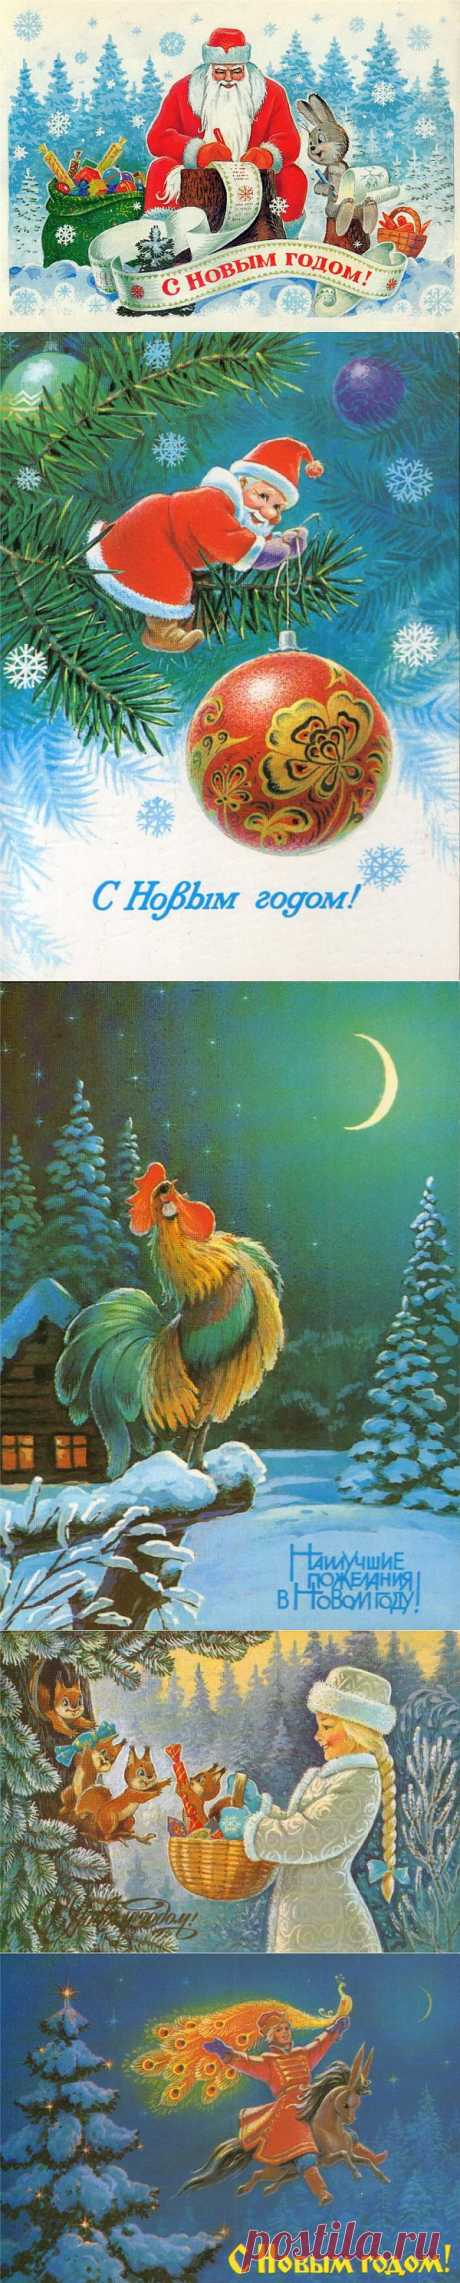 Старые, добрые новогодние открытки. | В мире интересного